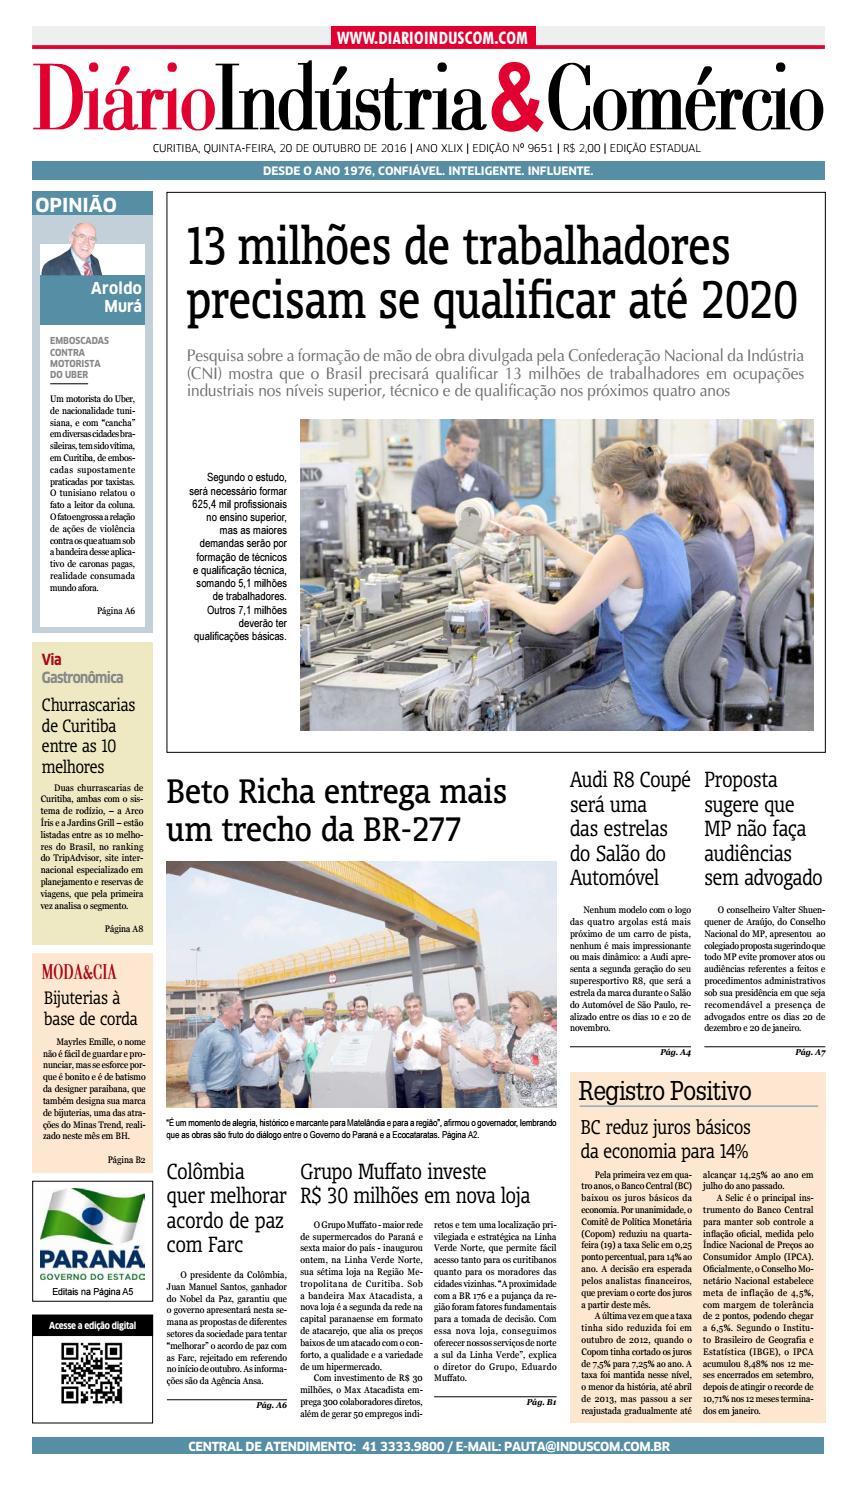 1282a537e4 Diário Indústria&Comércio - 20 de outubro de 2016 by Diário Indústria &  Comércio - issuu